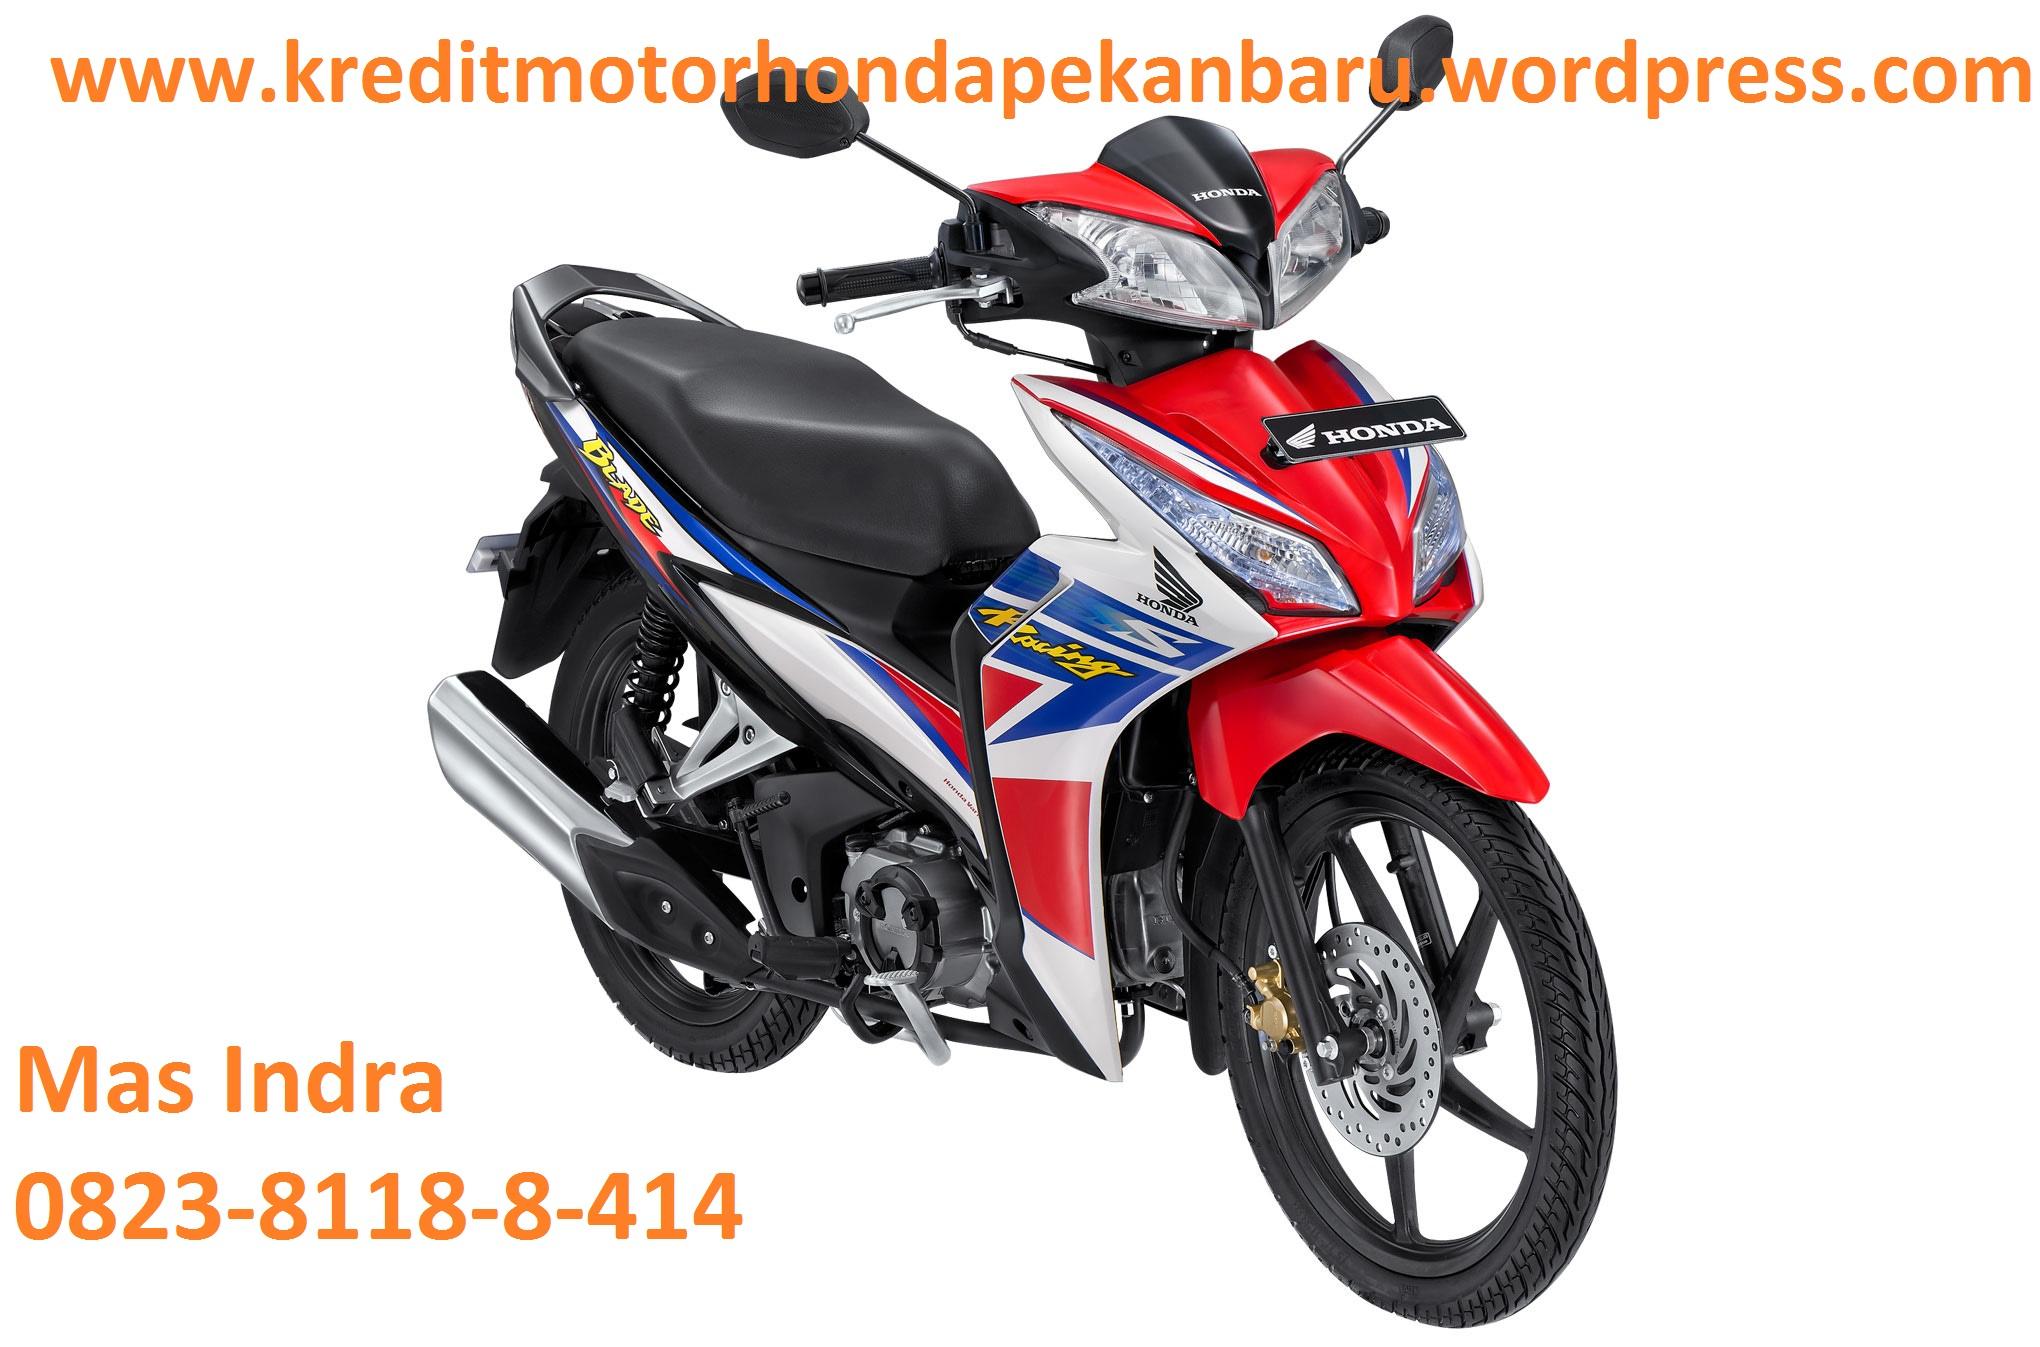 Kredit Sepeda Motor Honda Kredit Sepeda Motor Honda di